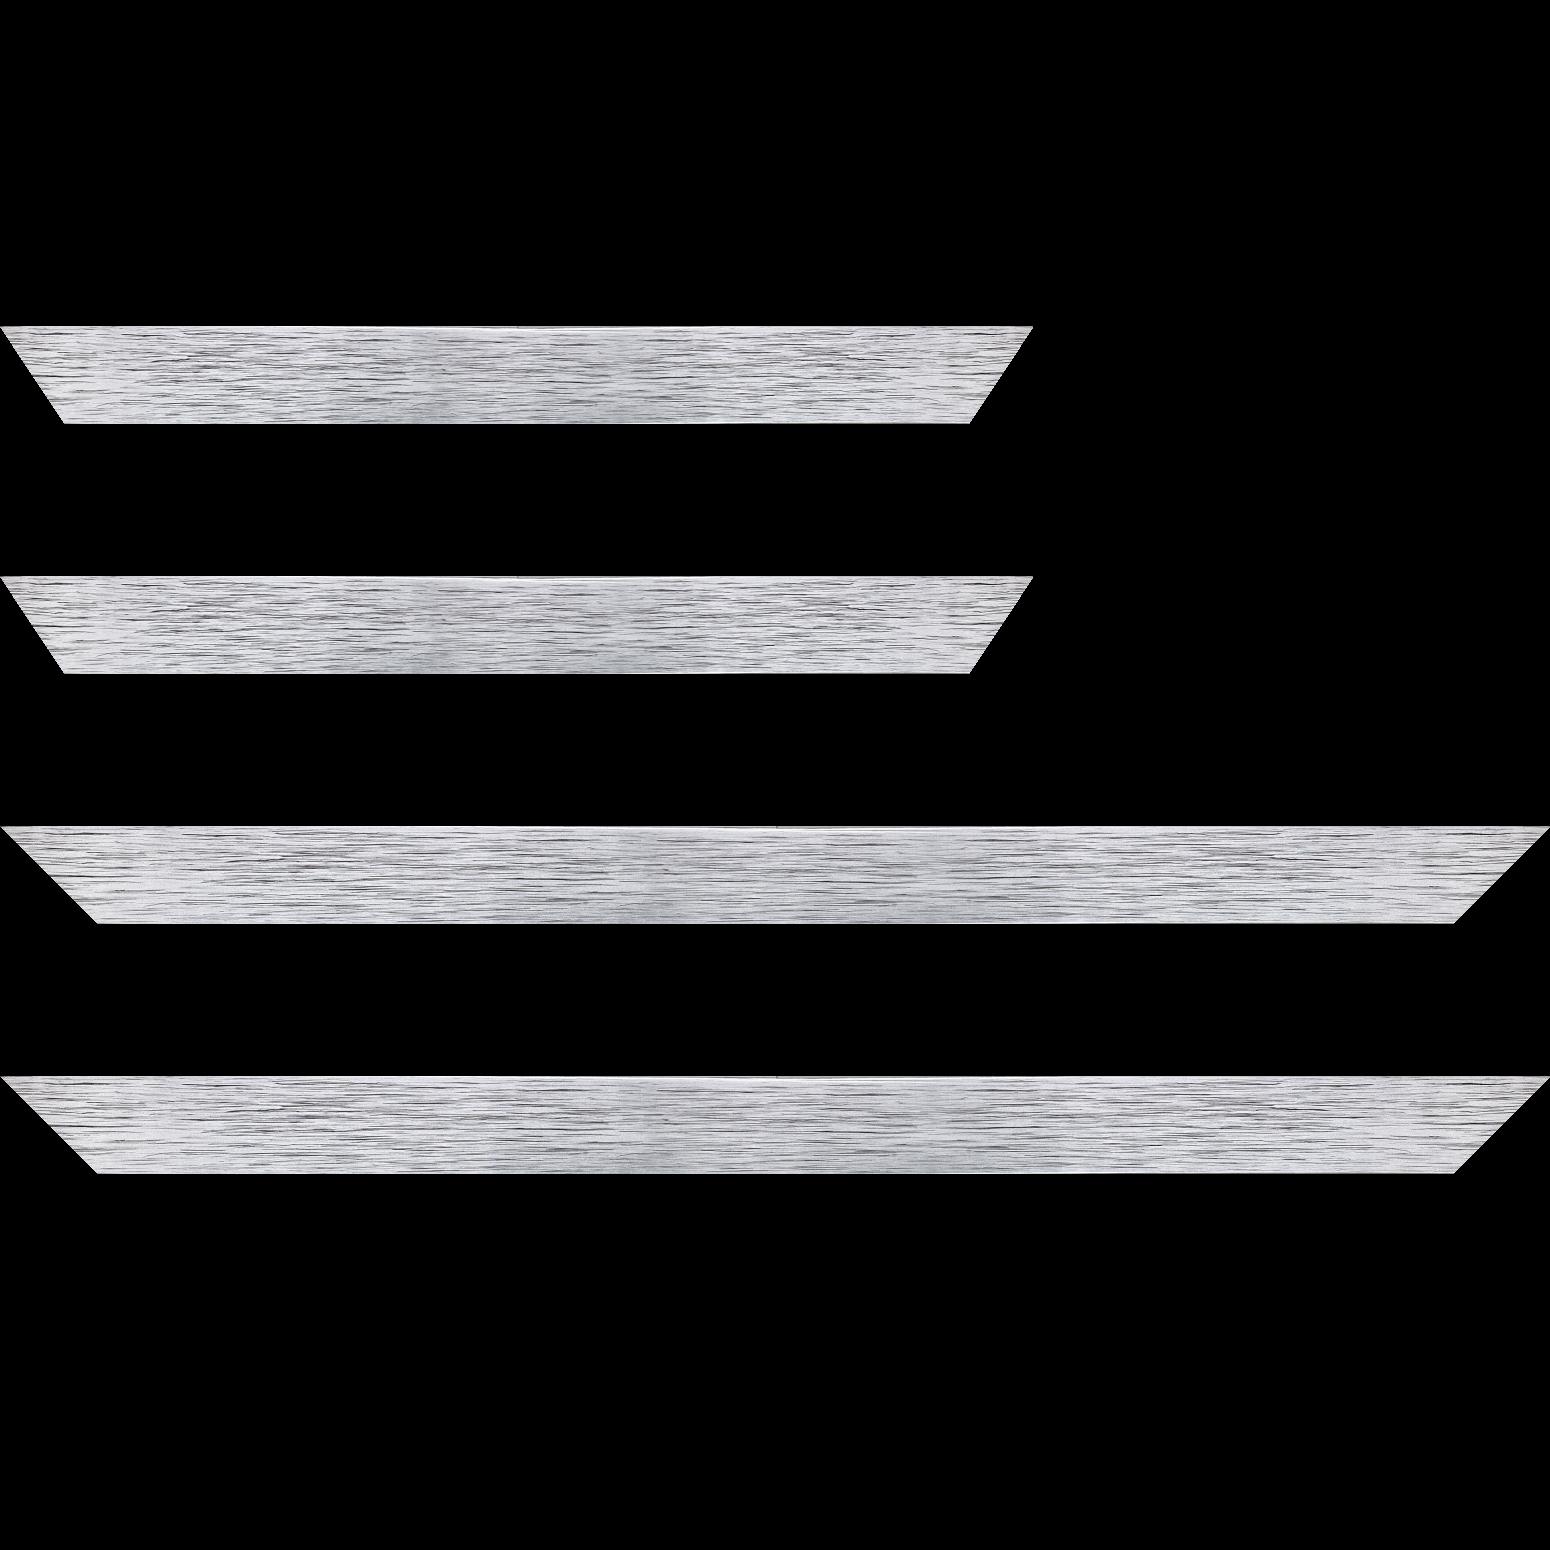 Baguette service précoupé Bois profil plat largeur 3cm couleur argent effet cube (le sujet qui sera glissé dans le cadre sera en retrait de la face du cadre de 1.4cm assurant un effet très contemporain)